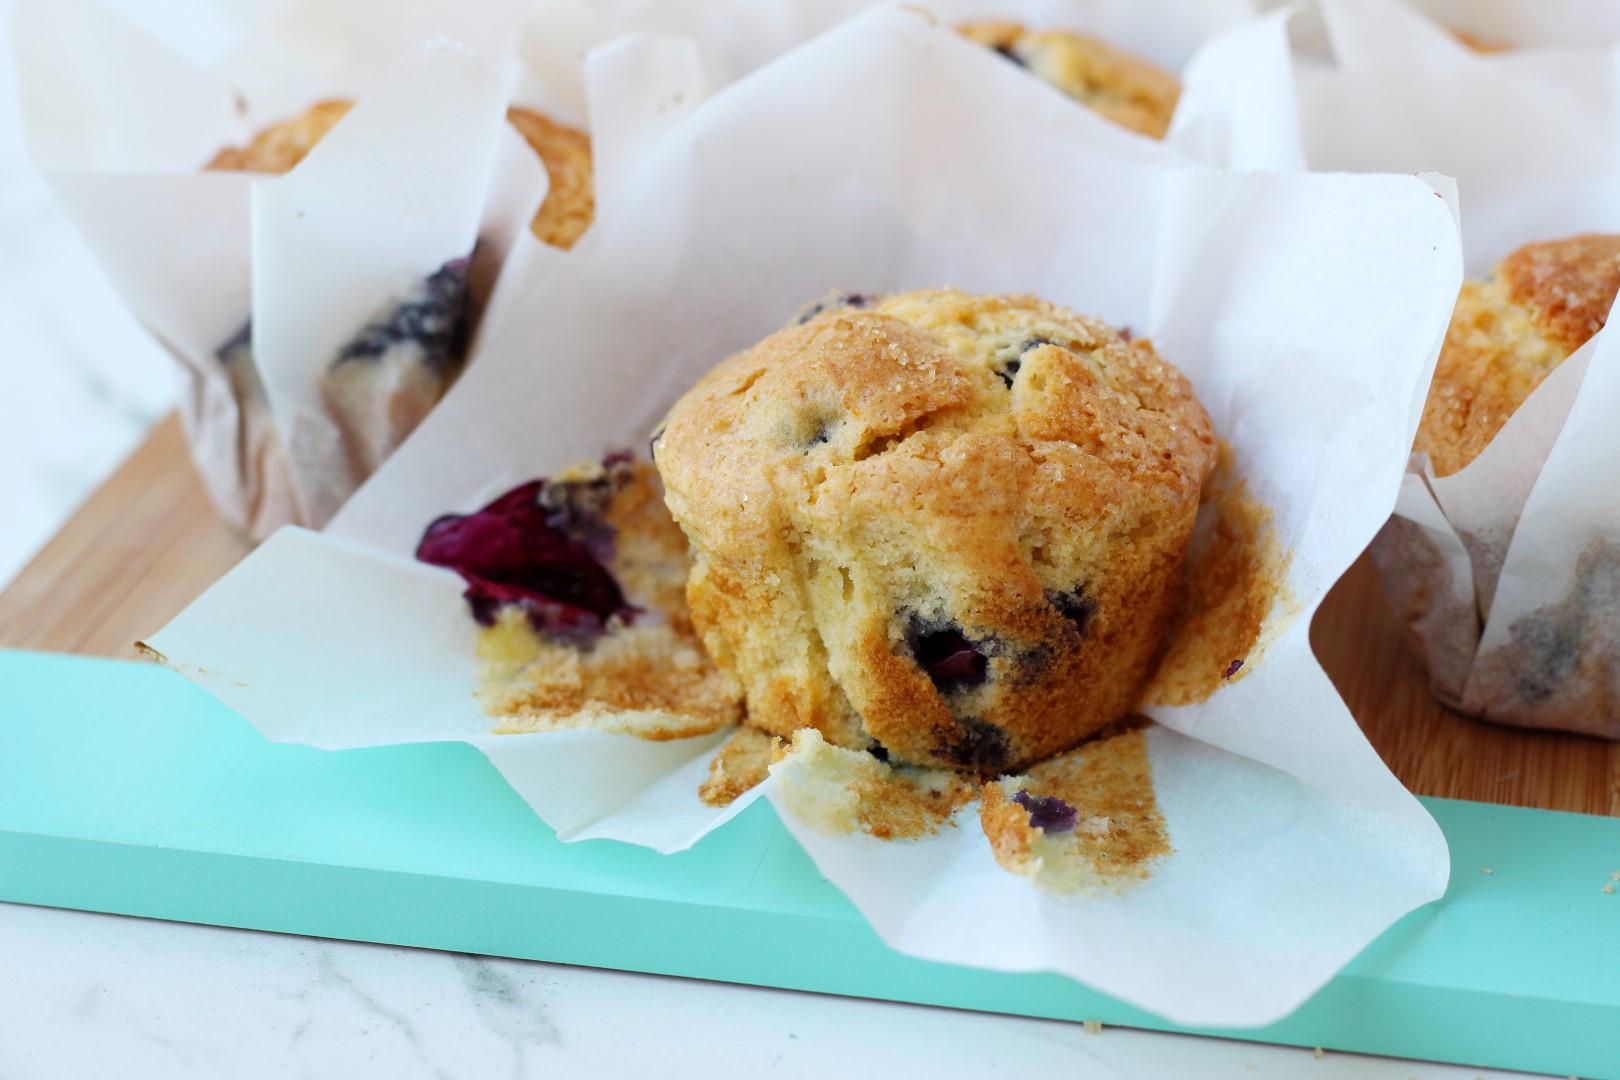 Muffins de limón y aránda0nos, recetas de cocina, recetas paso a paso, recetas fáciles.